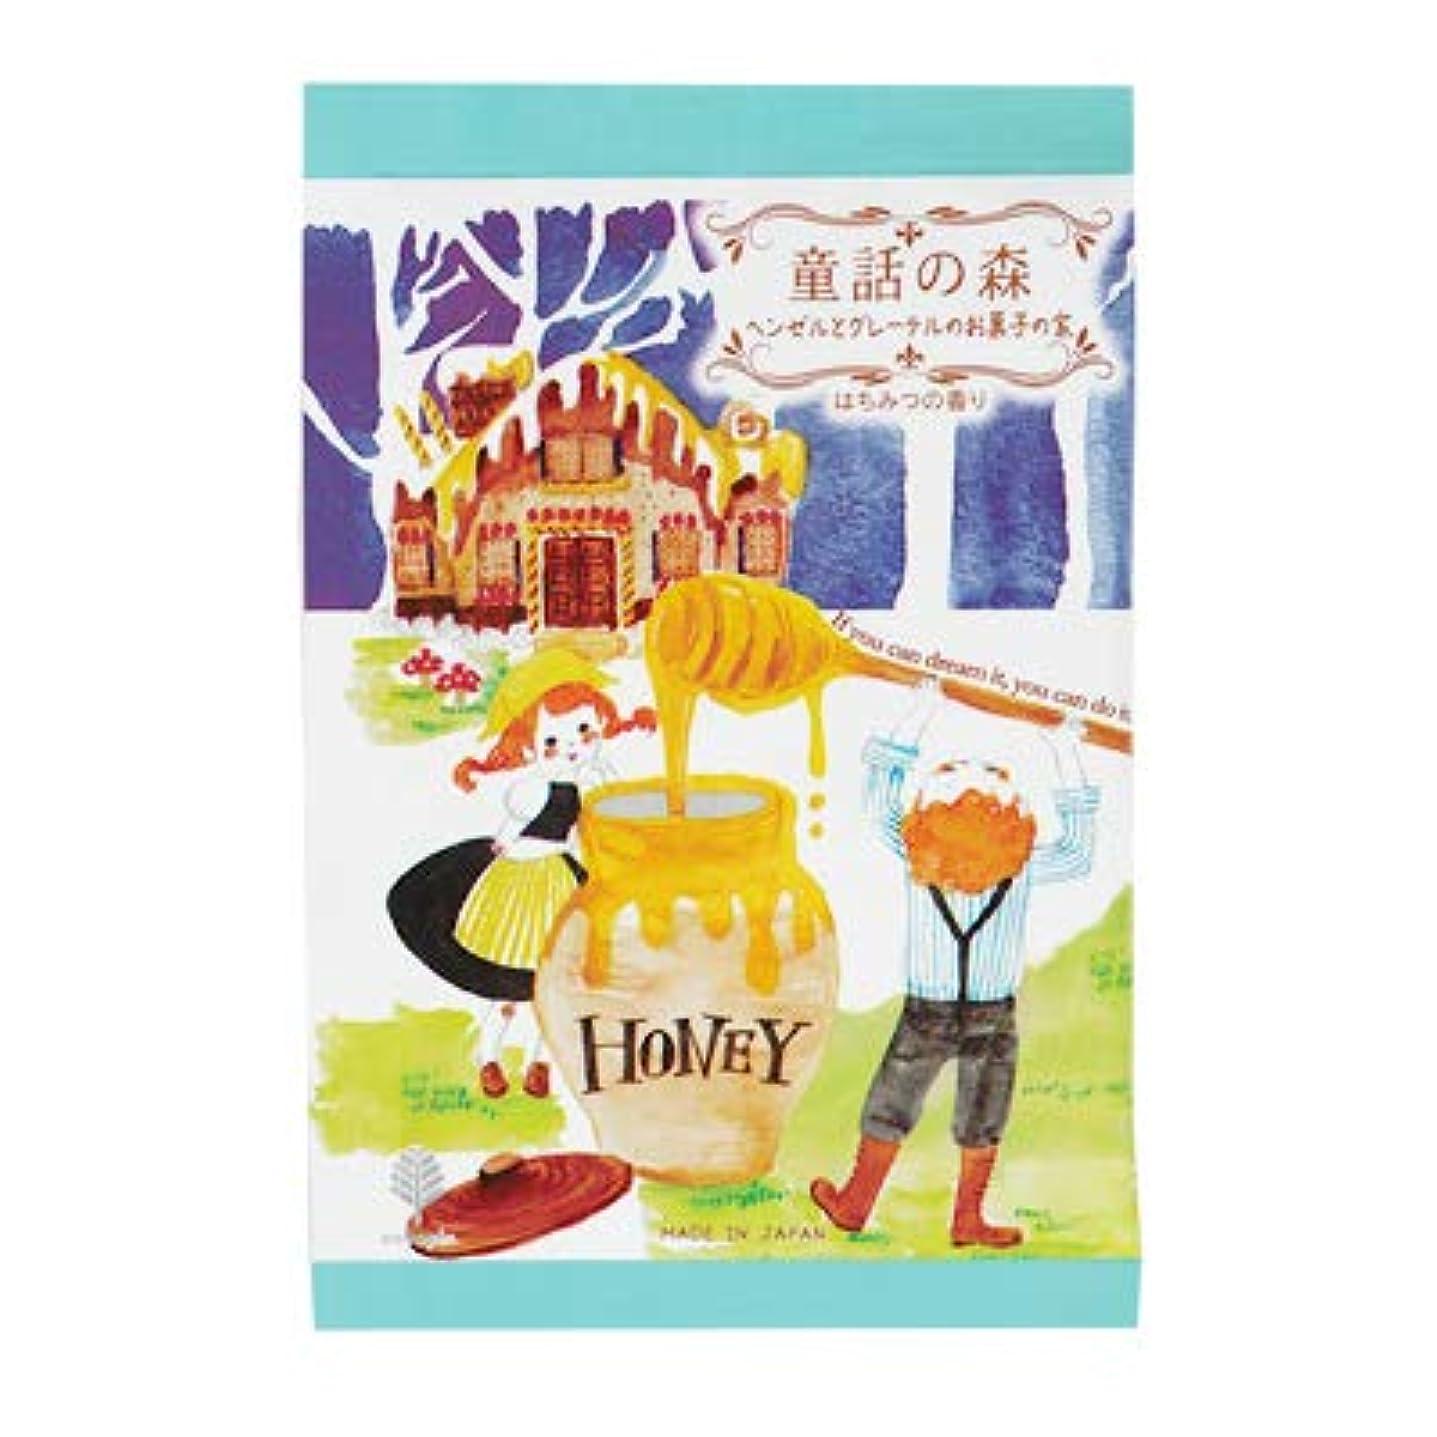 哀許さないローズ【まとめ買い3個セット】 童話の森 ヘンゼルとグレーテルのお菓子の家